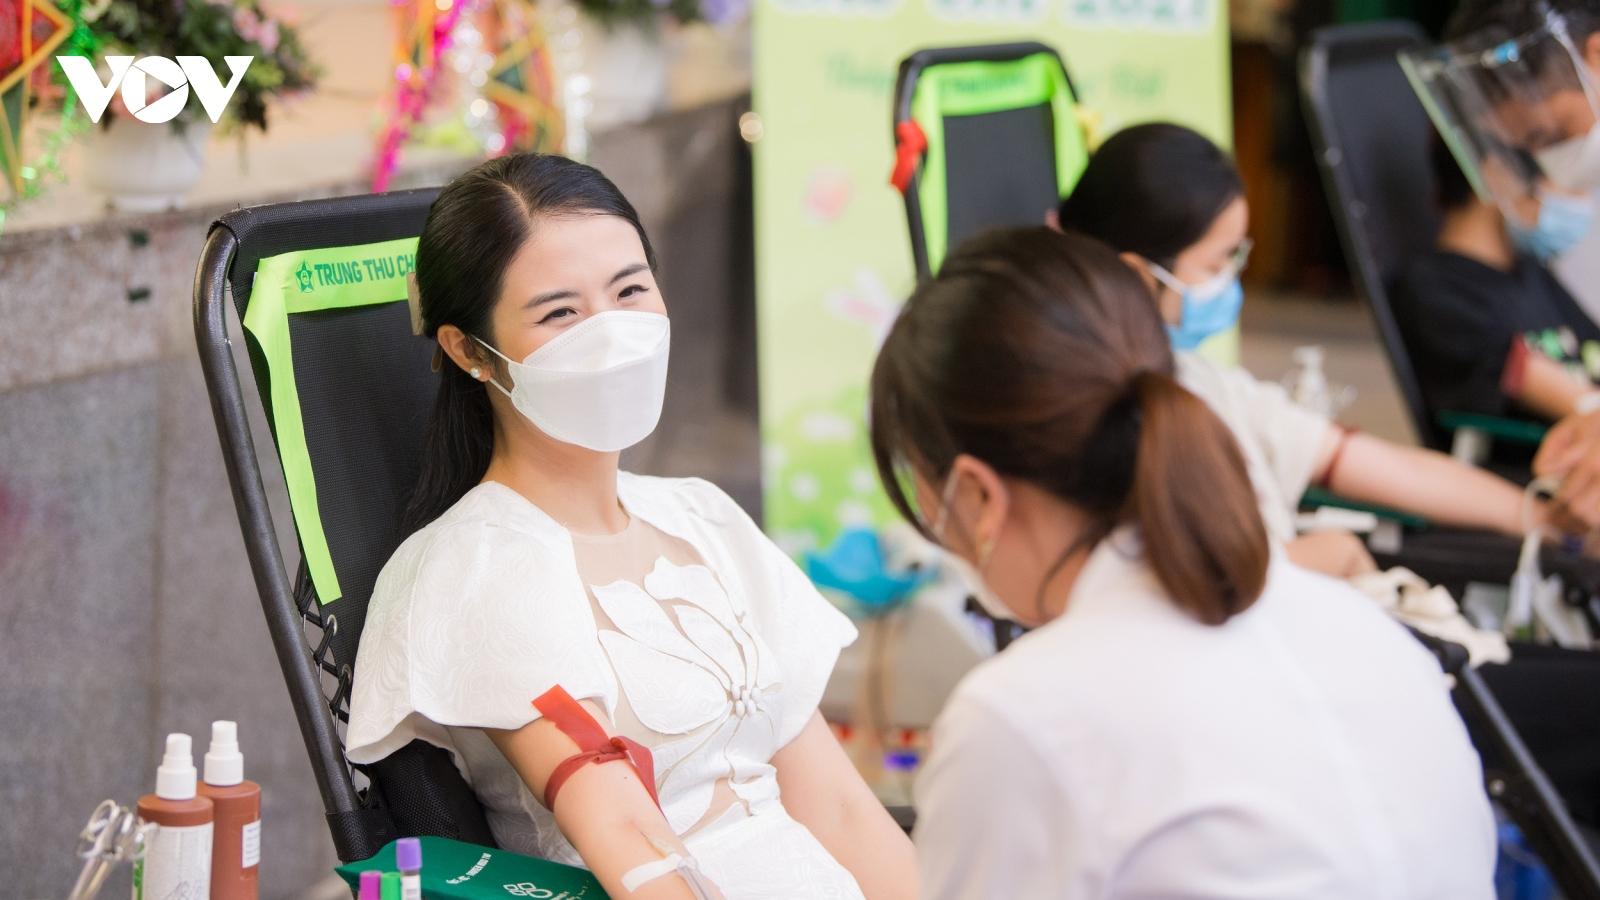 Hoa hậu Ngọc Hân đi hiến máu trong ngày đầu Hà Nội nới lỏng giãn cách